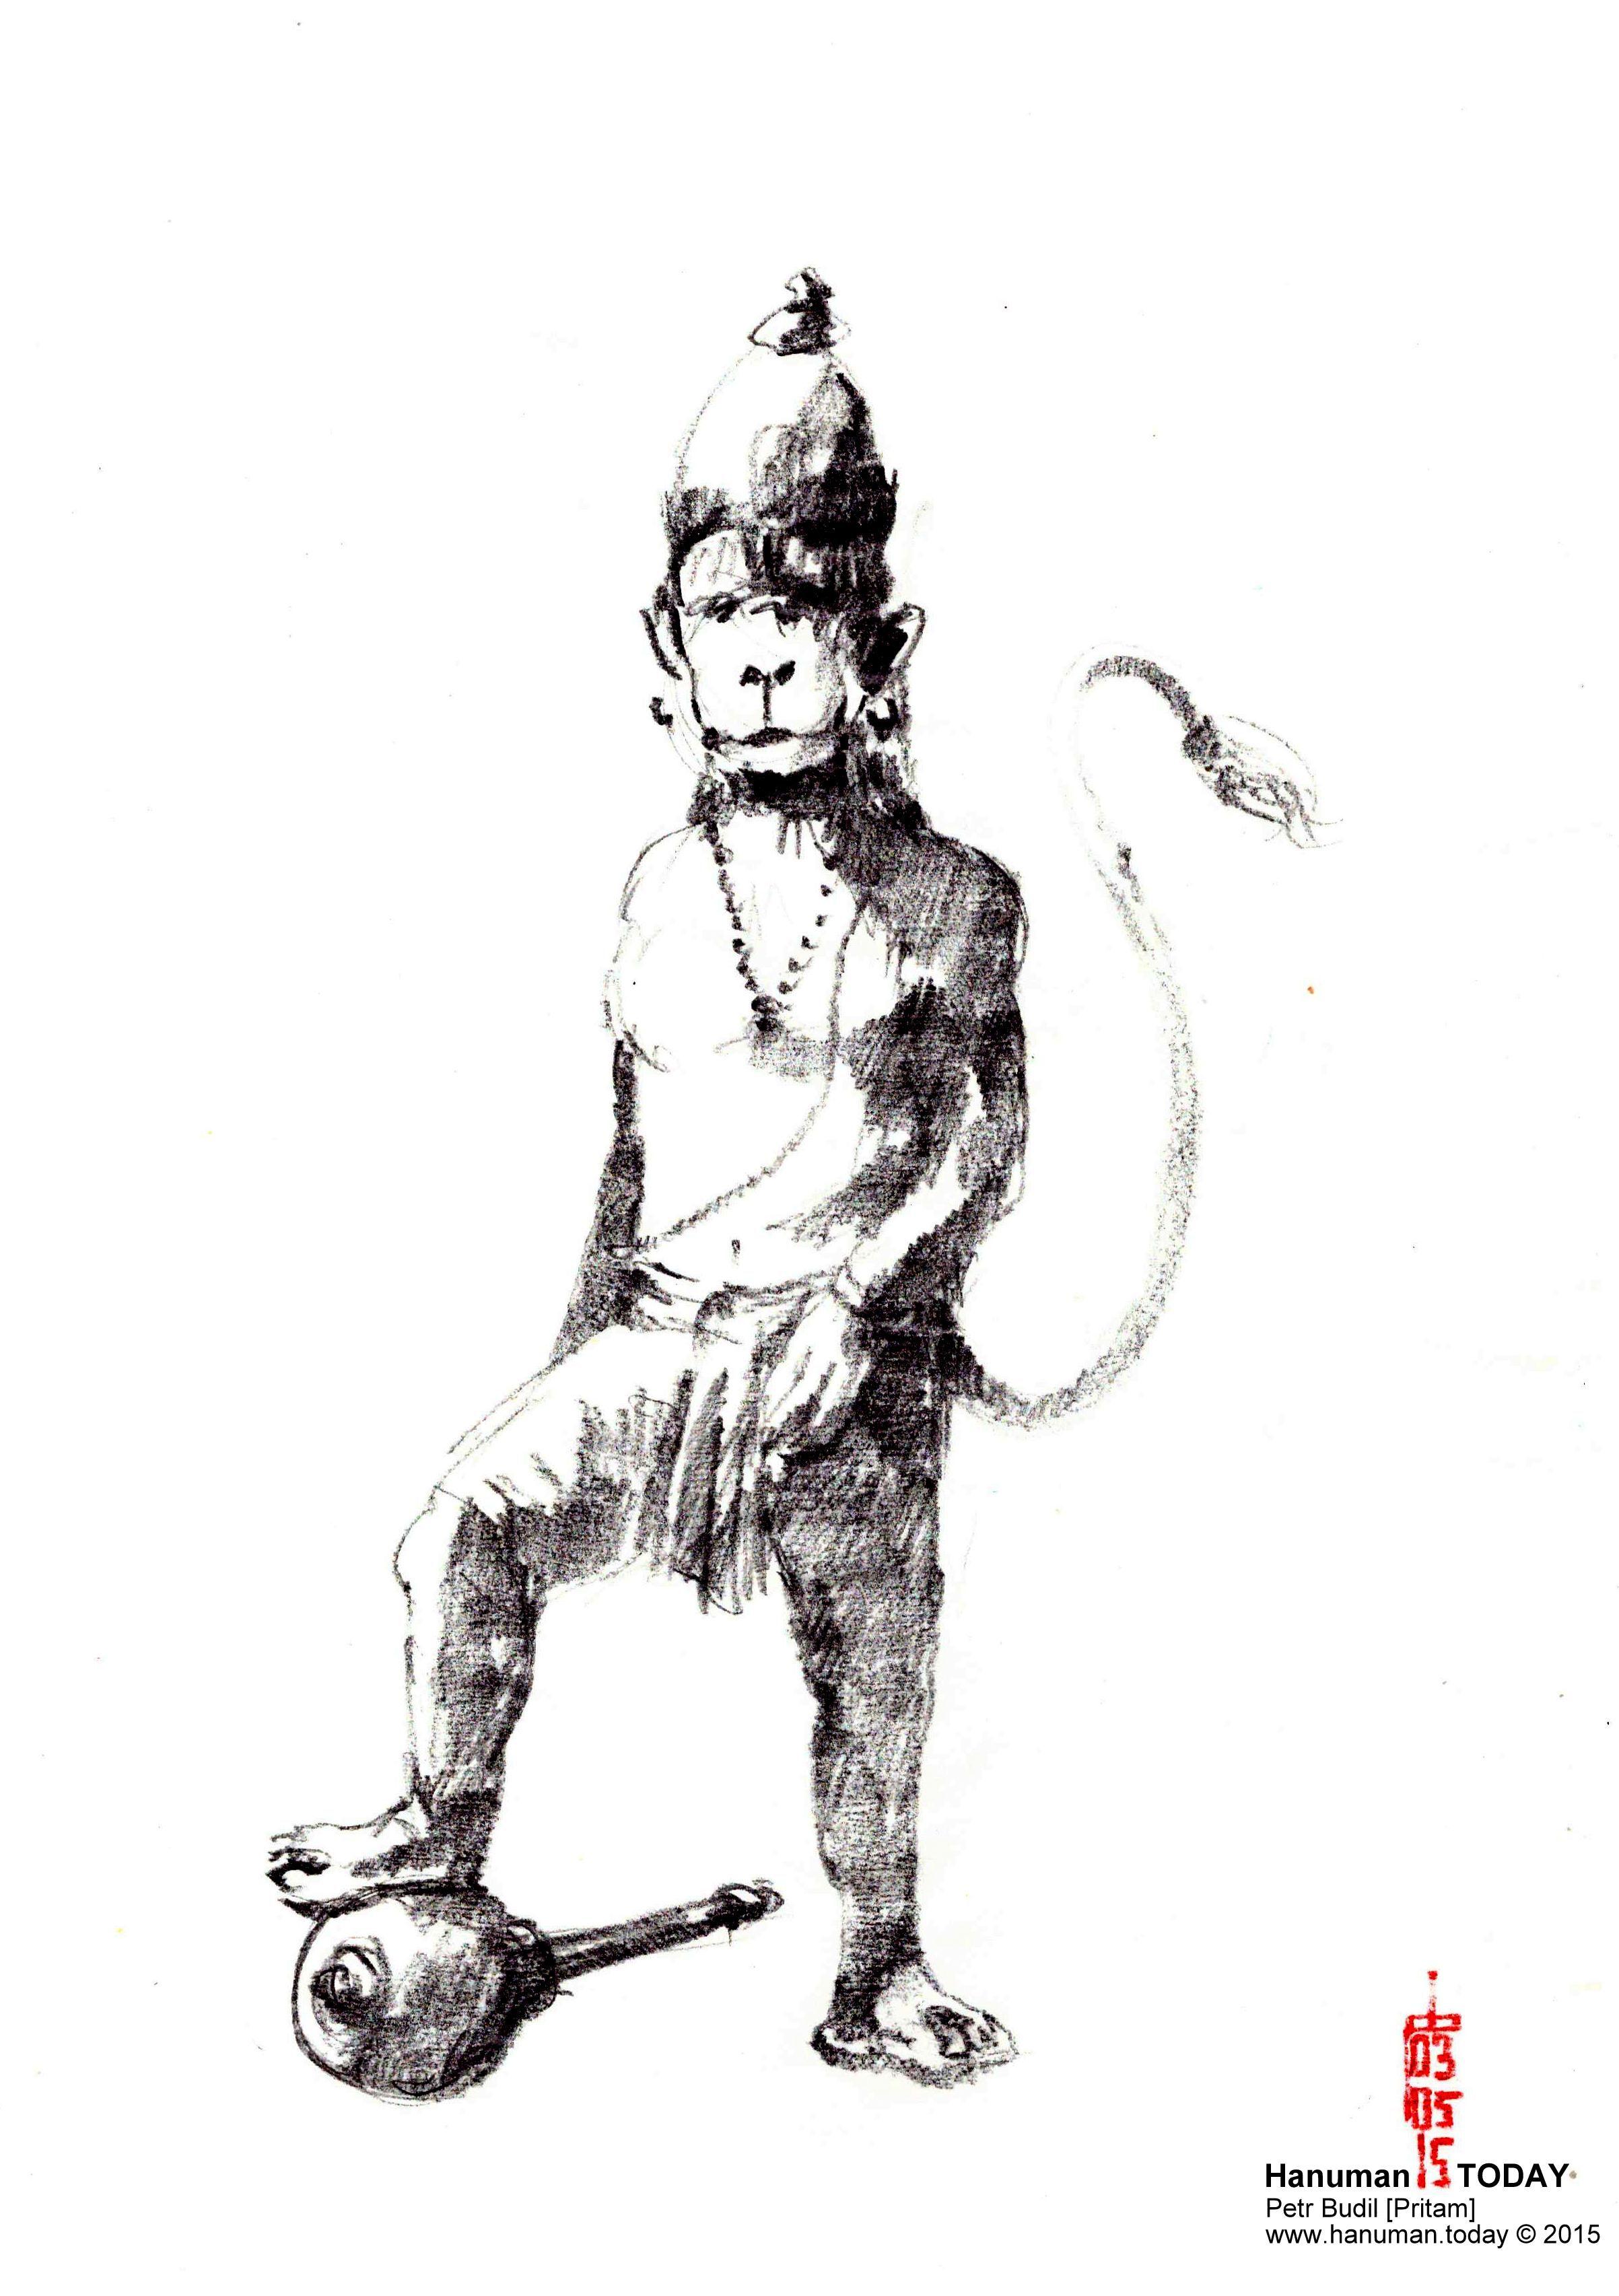 Sunday, May 3, 2015 | Hanuman, Daily drawing, Drawings